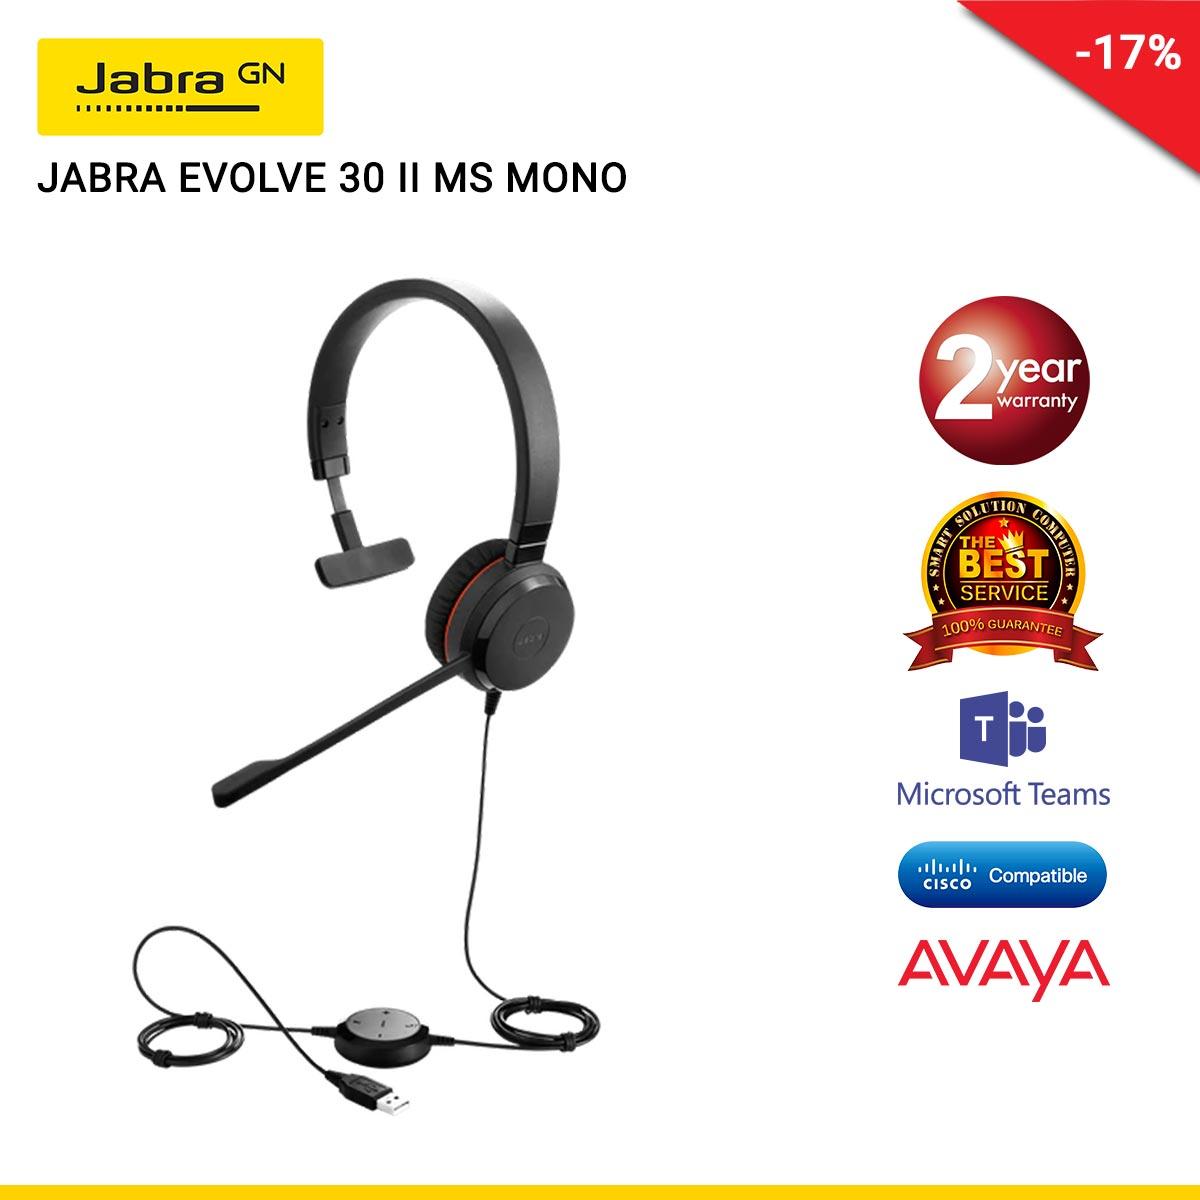 JABRA EVOLVE 30 II MS MONO (JBA-5393-823-309)